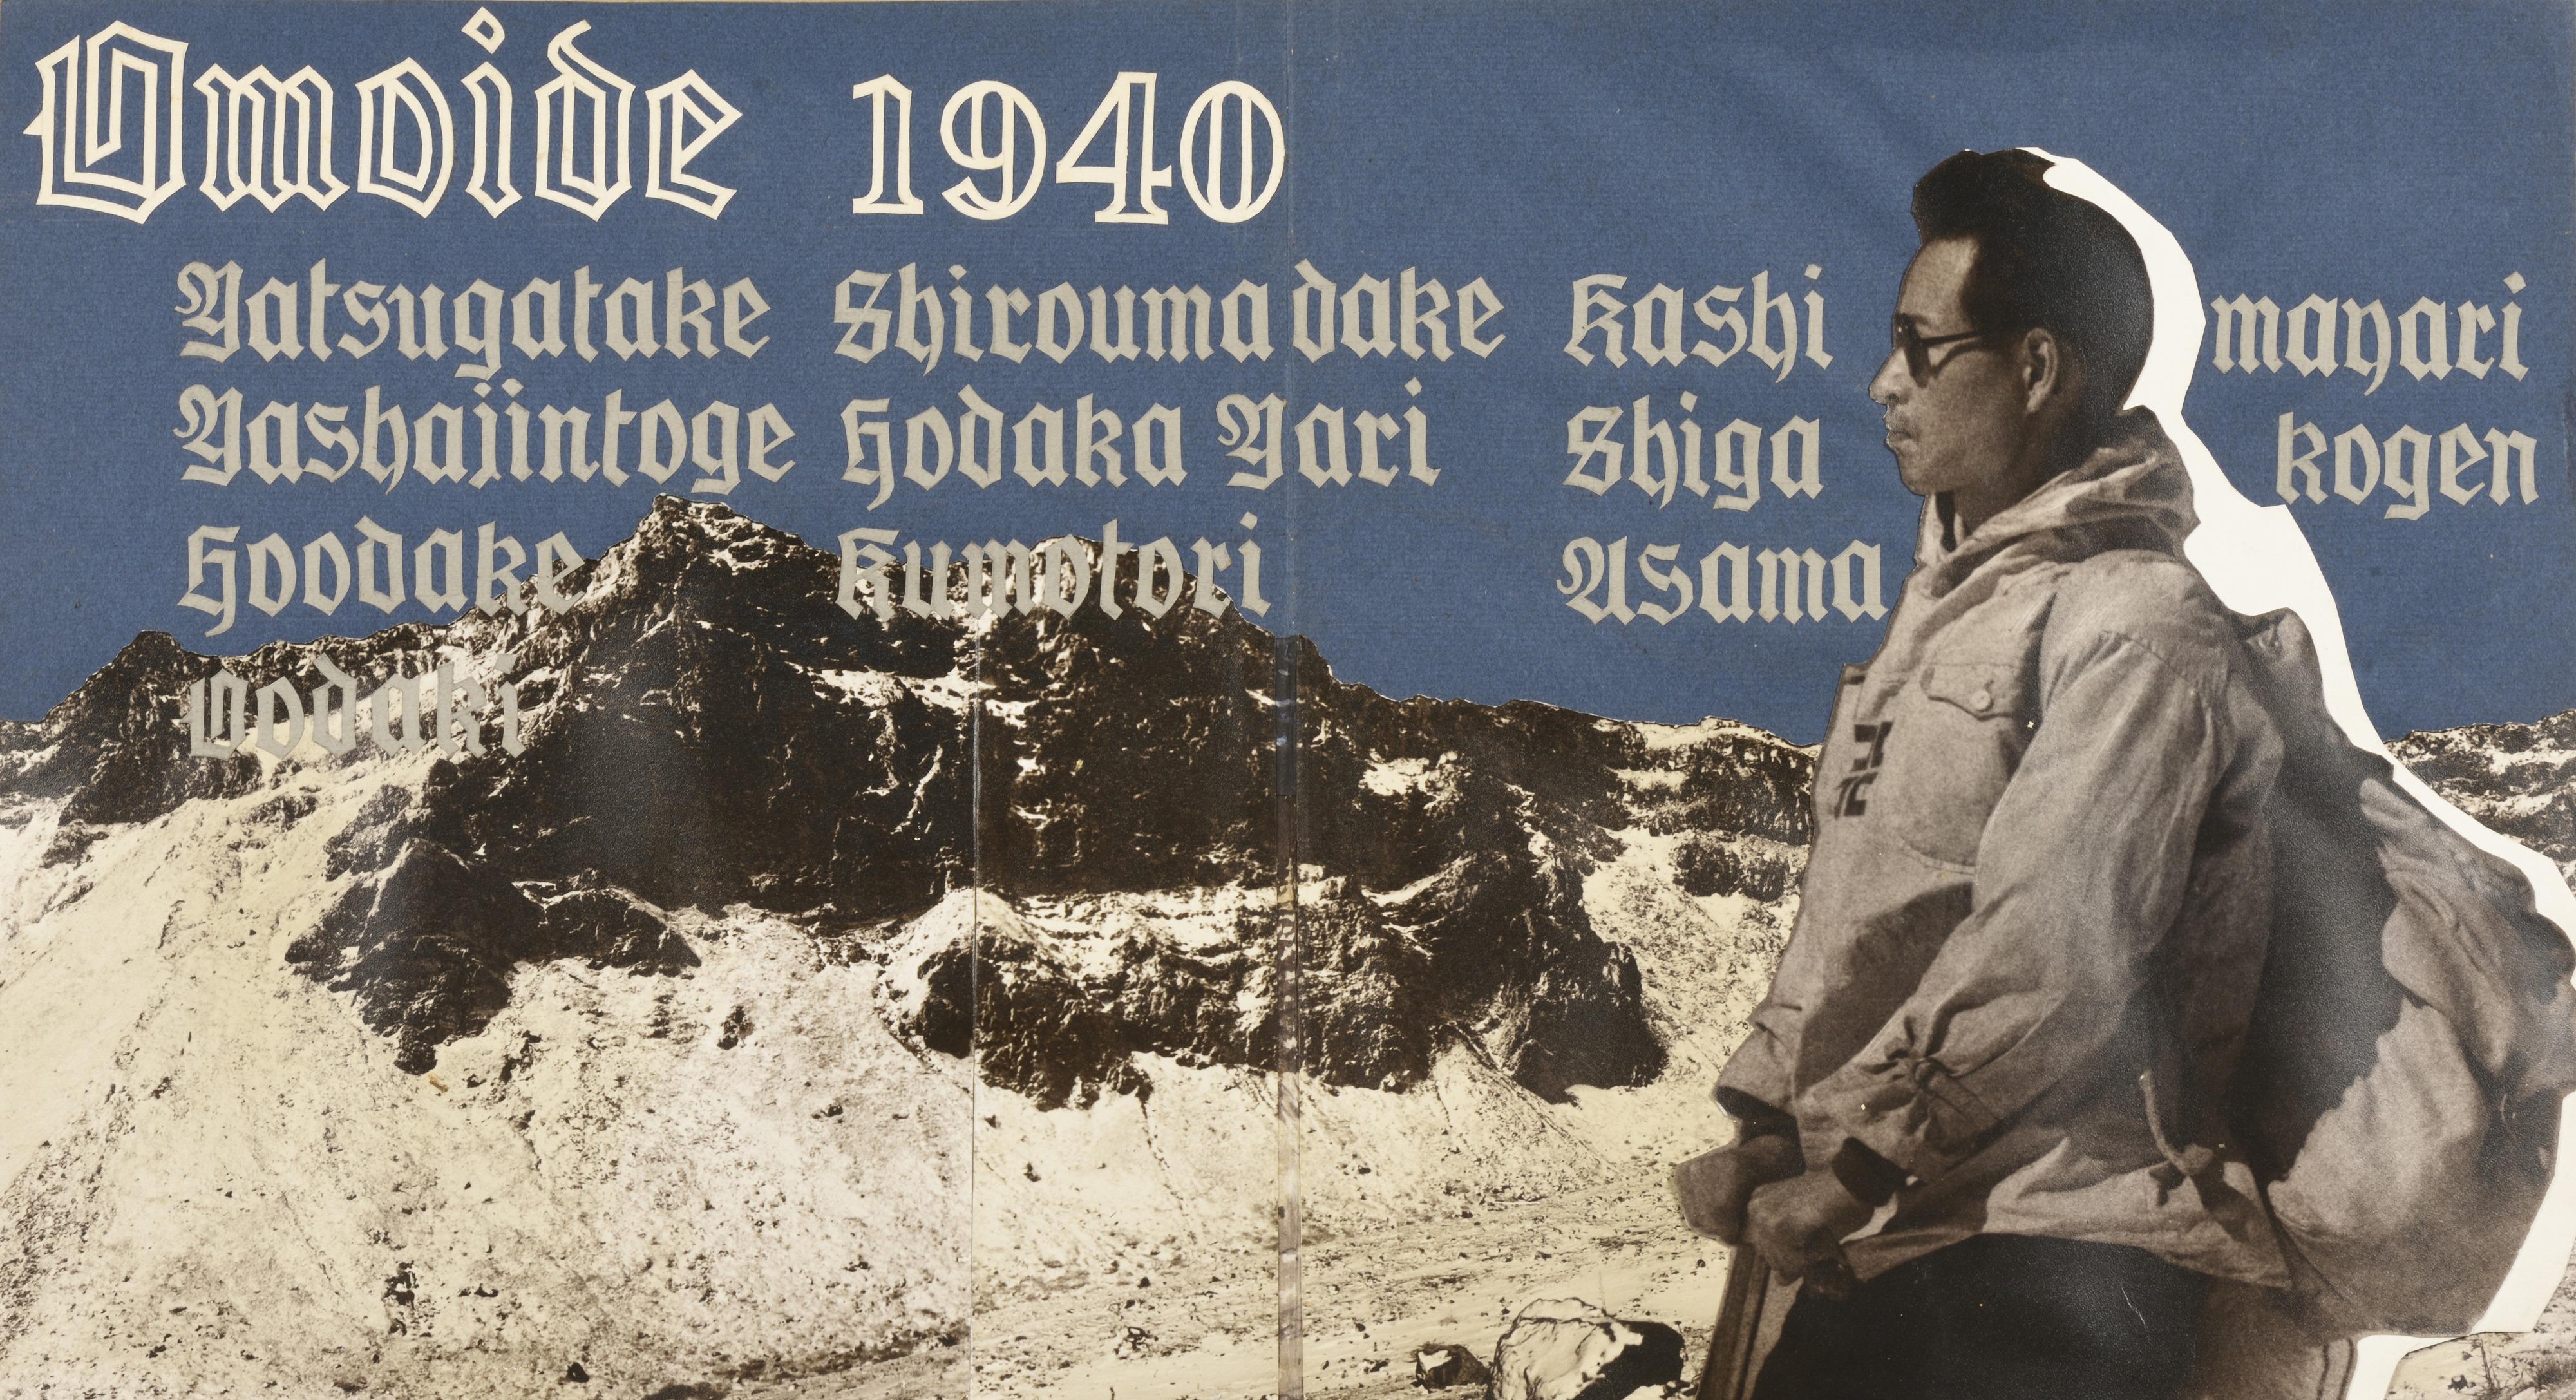 山のアルバム第24集『初冬の浅間に登る』より【Omoide(思い出)1940】